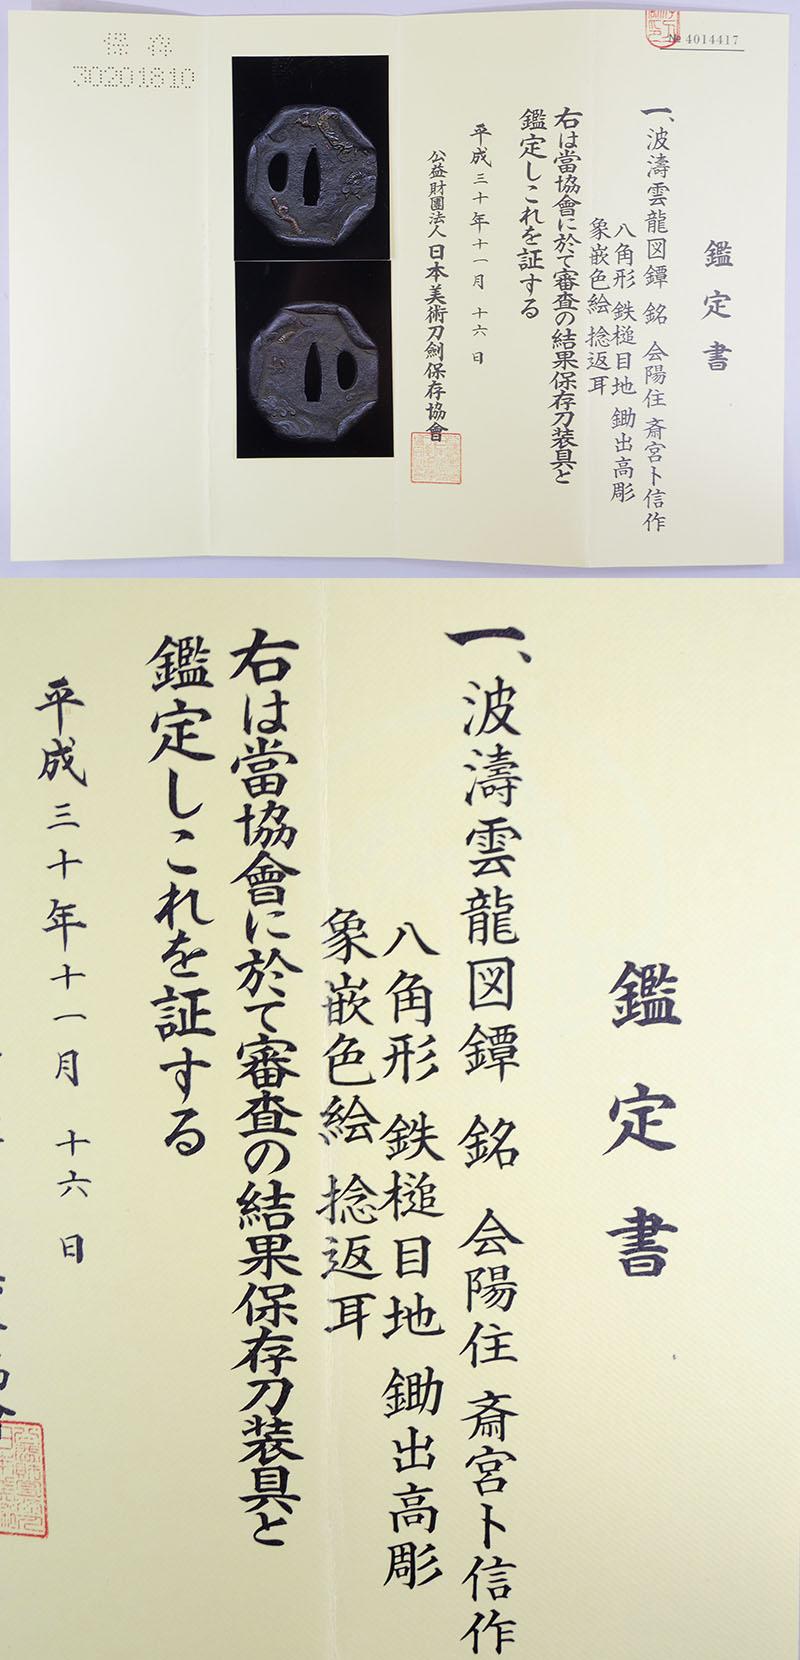 波濤雲龍図鍔 会陽住 斎宮ト信作 Picture of Certificate